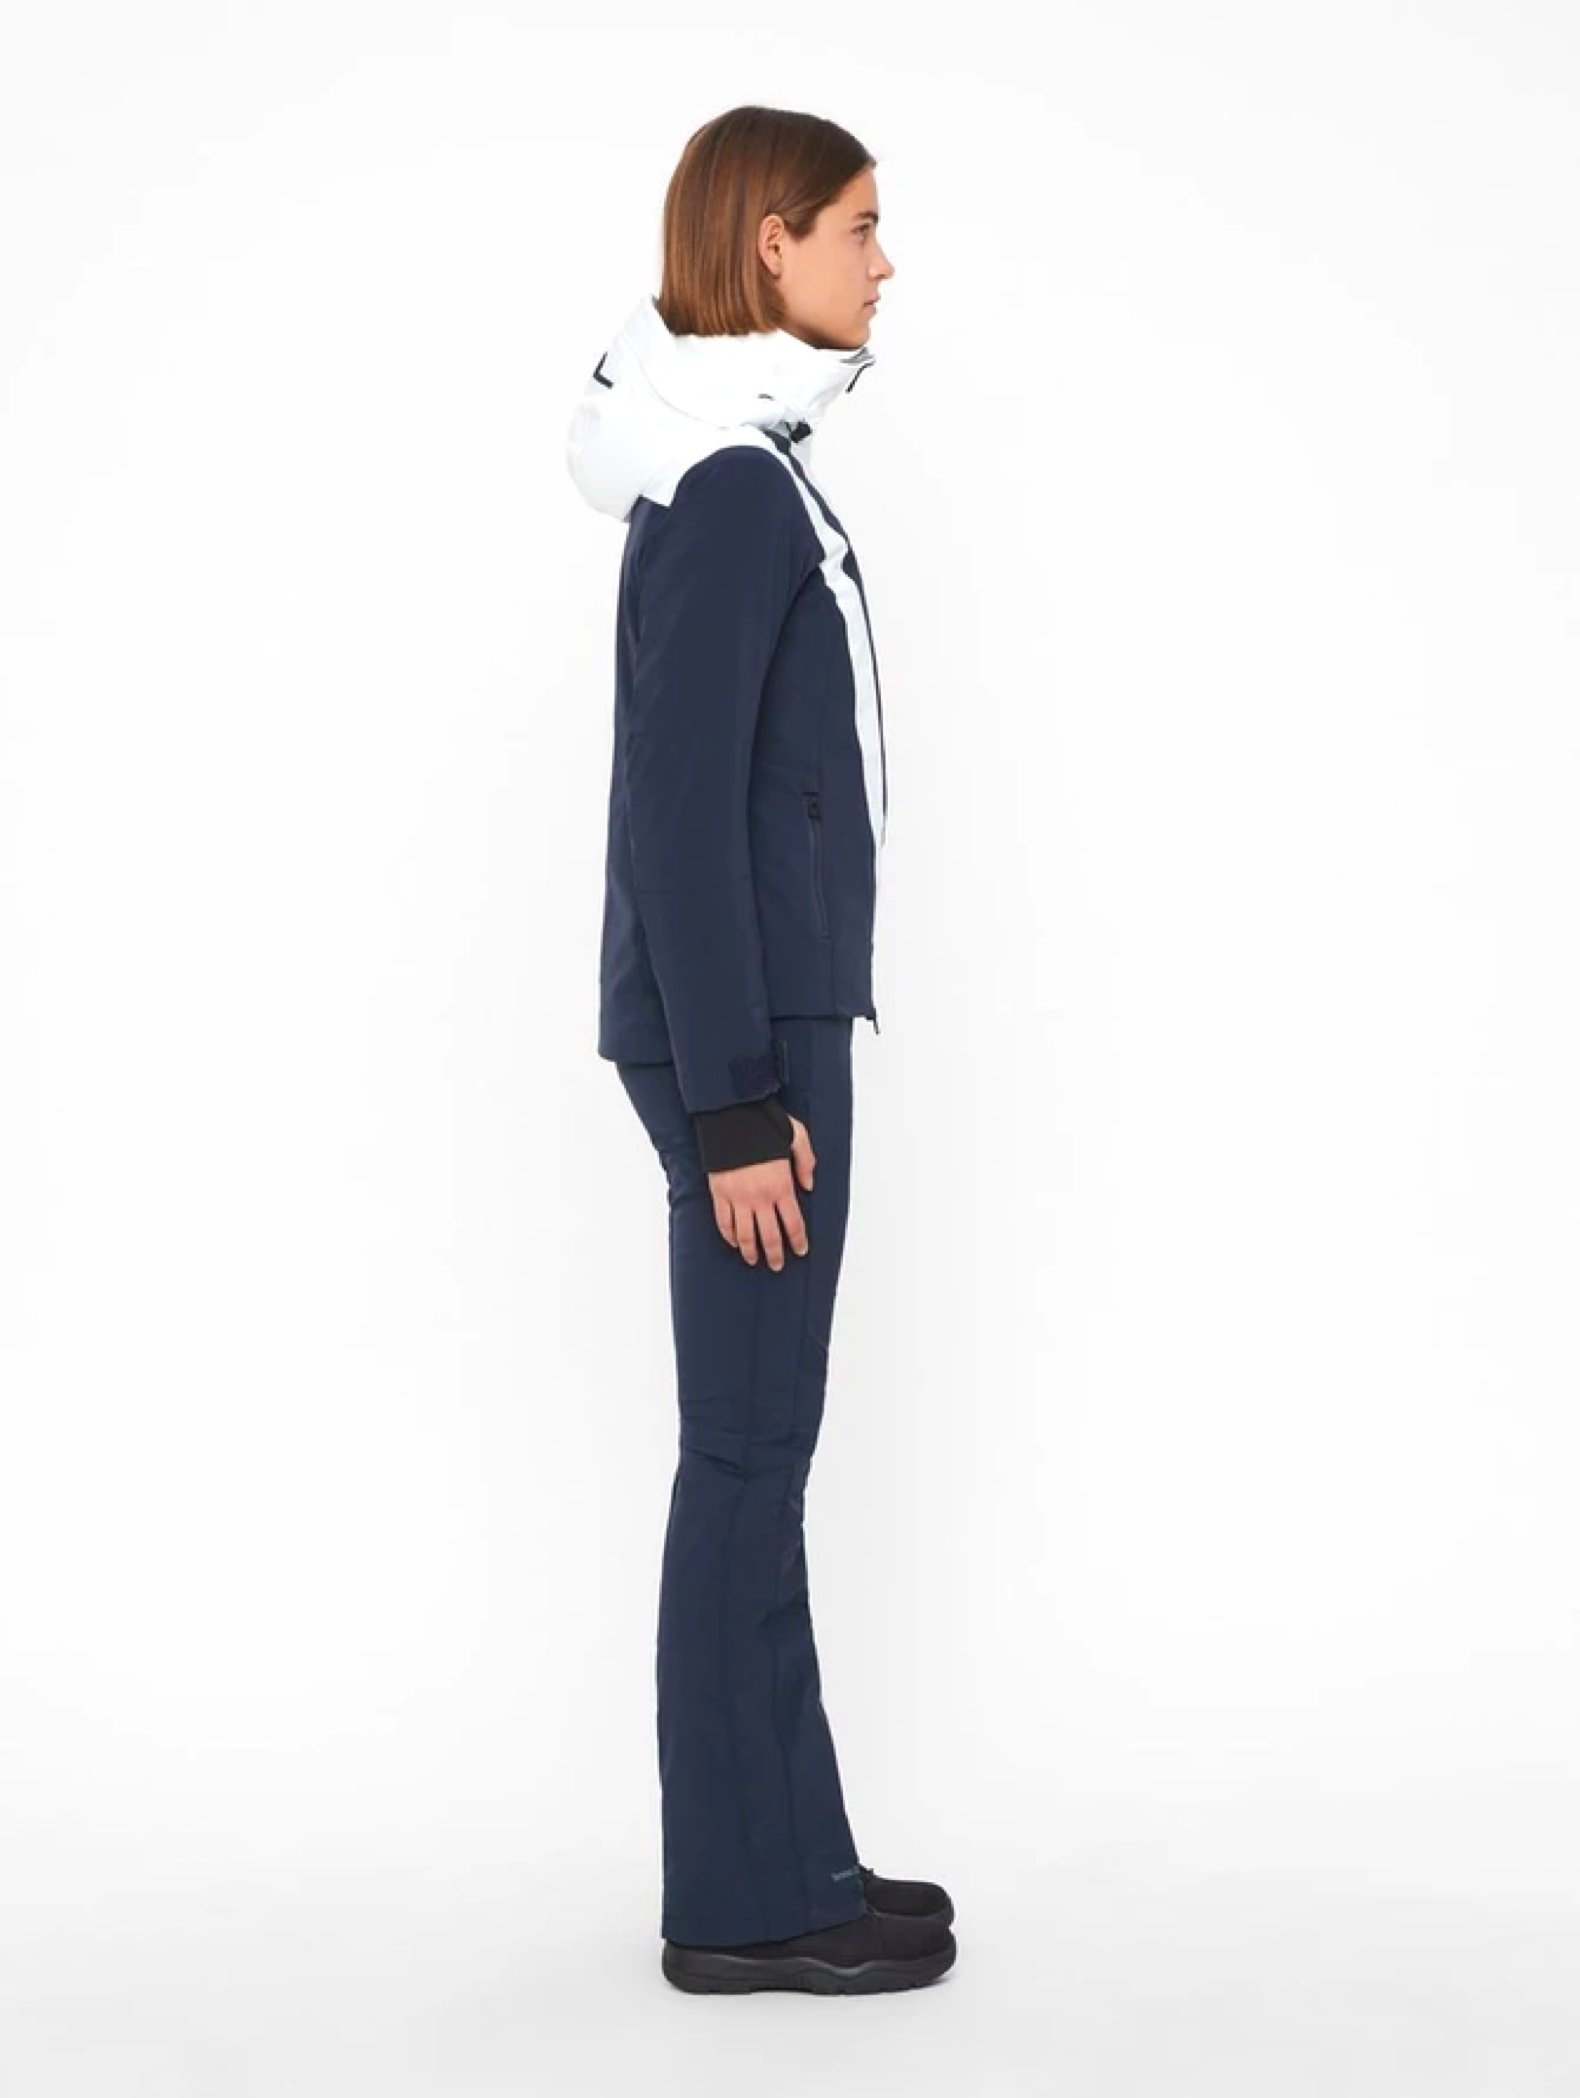 [hidden] [TEST] Women's Wrangell Dermizax EV Ski Jacket SALE